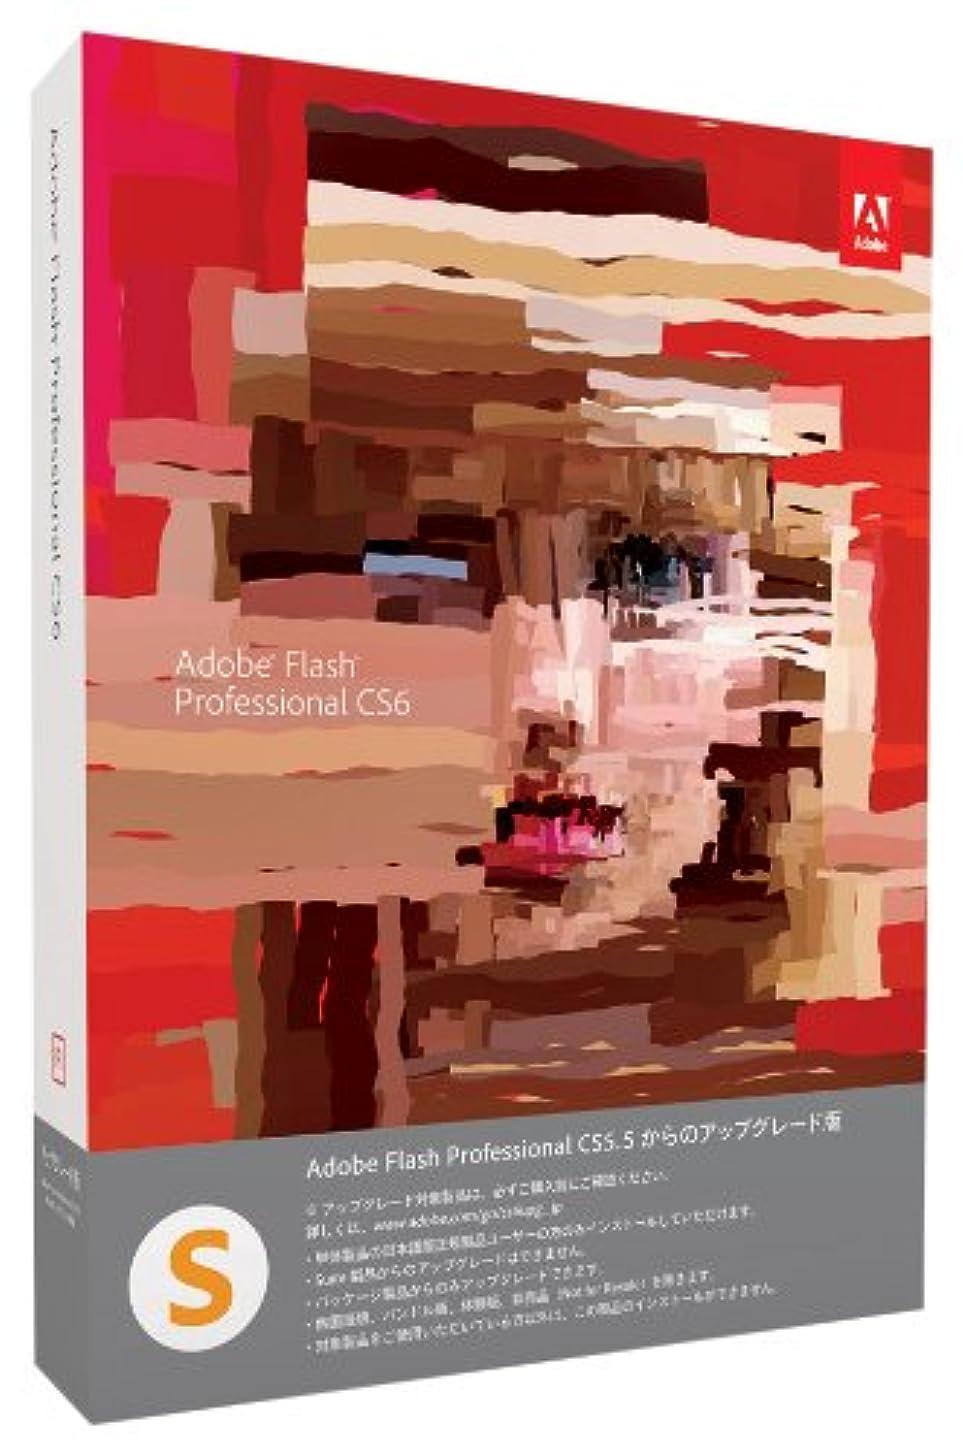 二十シールアドバンテージAdobe Flash Professional CS6 Windows版 アップグレード版「S」(CS5.5からのアップグレード) (旧製品)